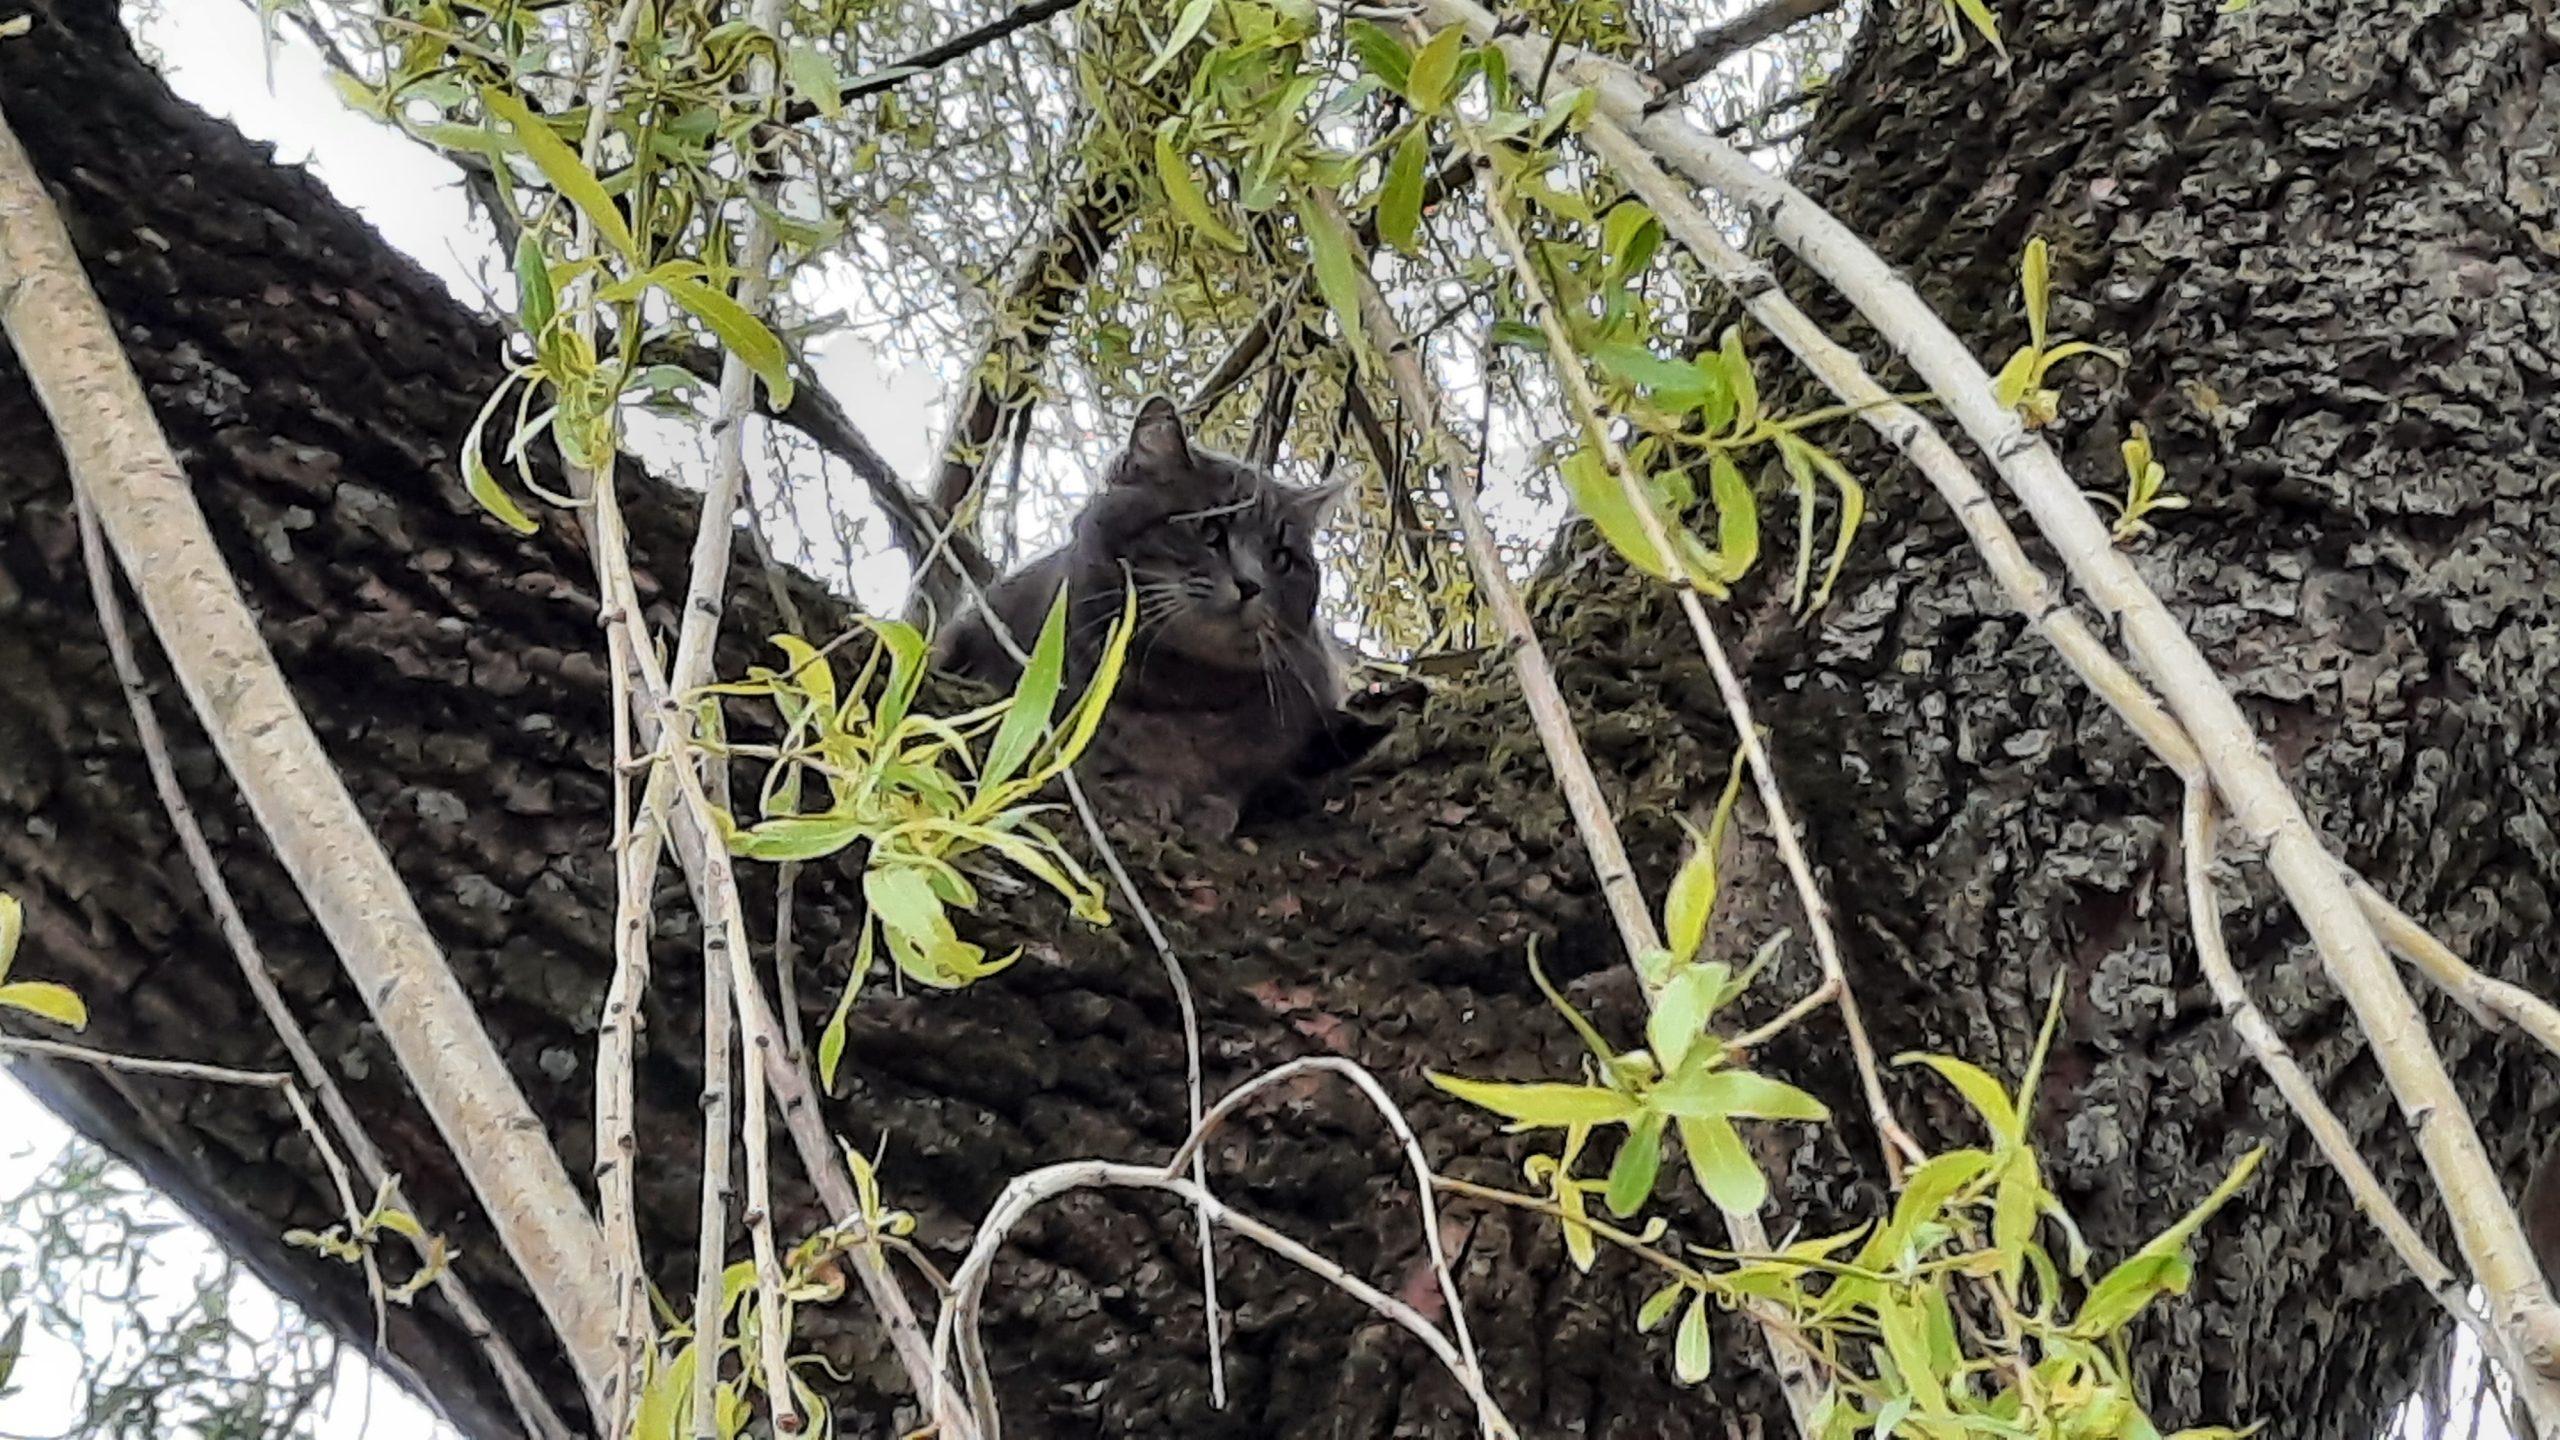 Brandweer Probeert kat uit de boom te halen springt zelf uit de boom